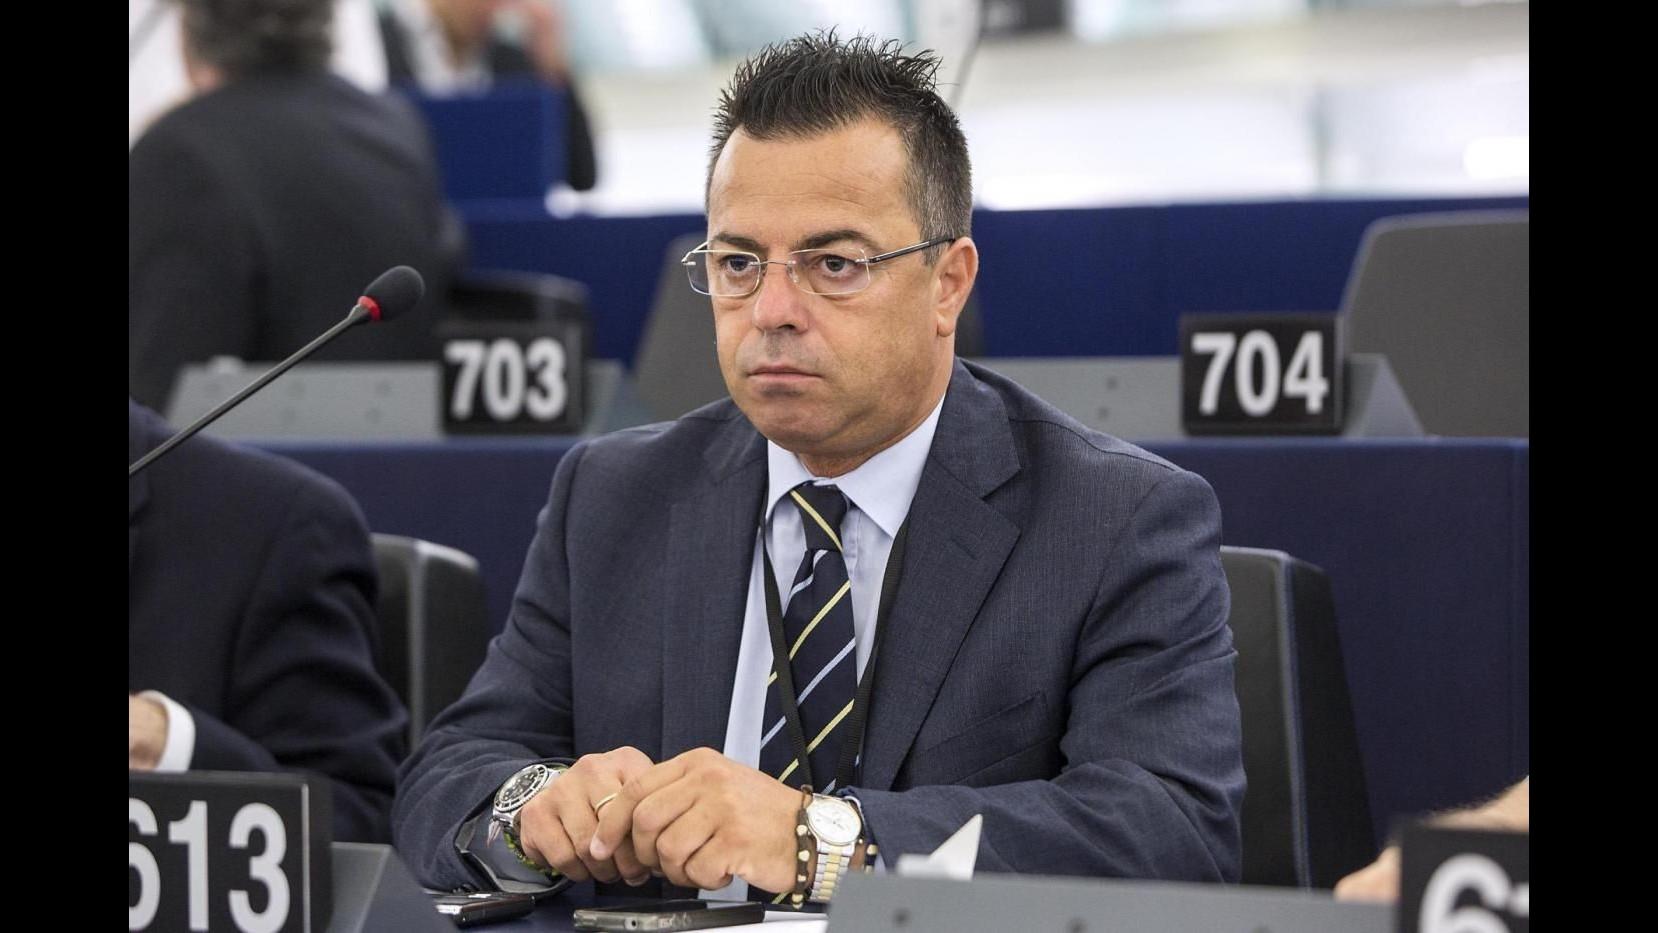 Parlamento Ue, Buonanno (Lega) sospeso e multato per baffetti di Hitler